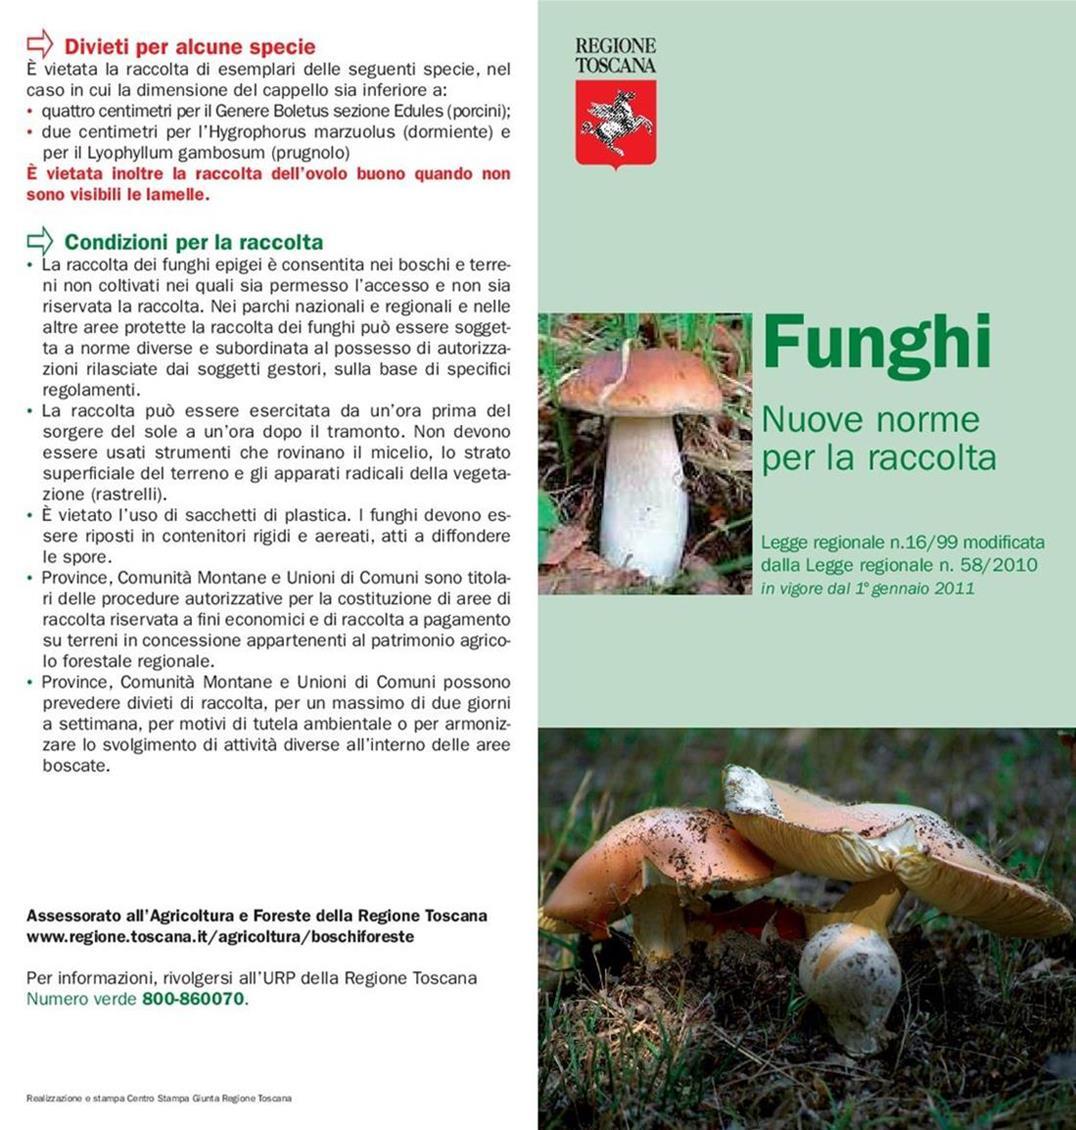 Norma; Raccolta; Funghi; Toscana;